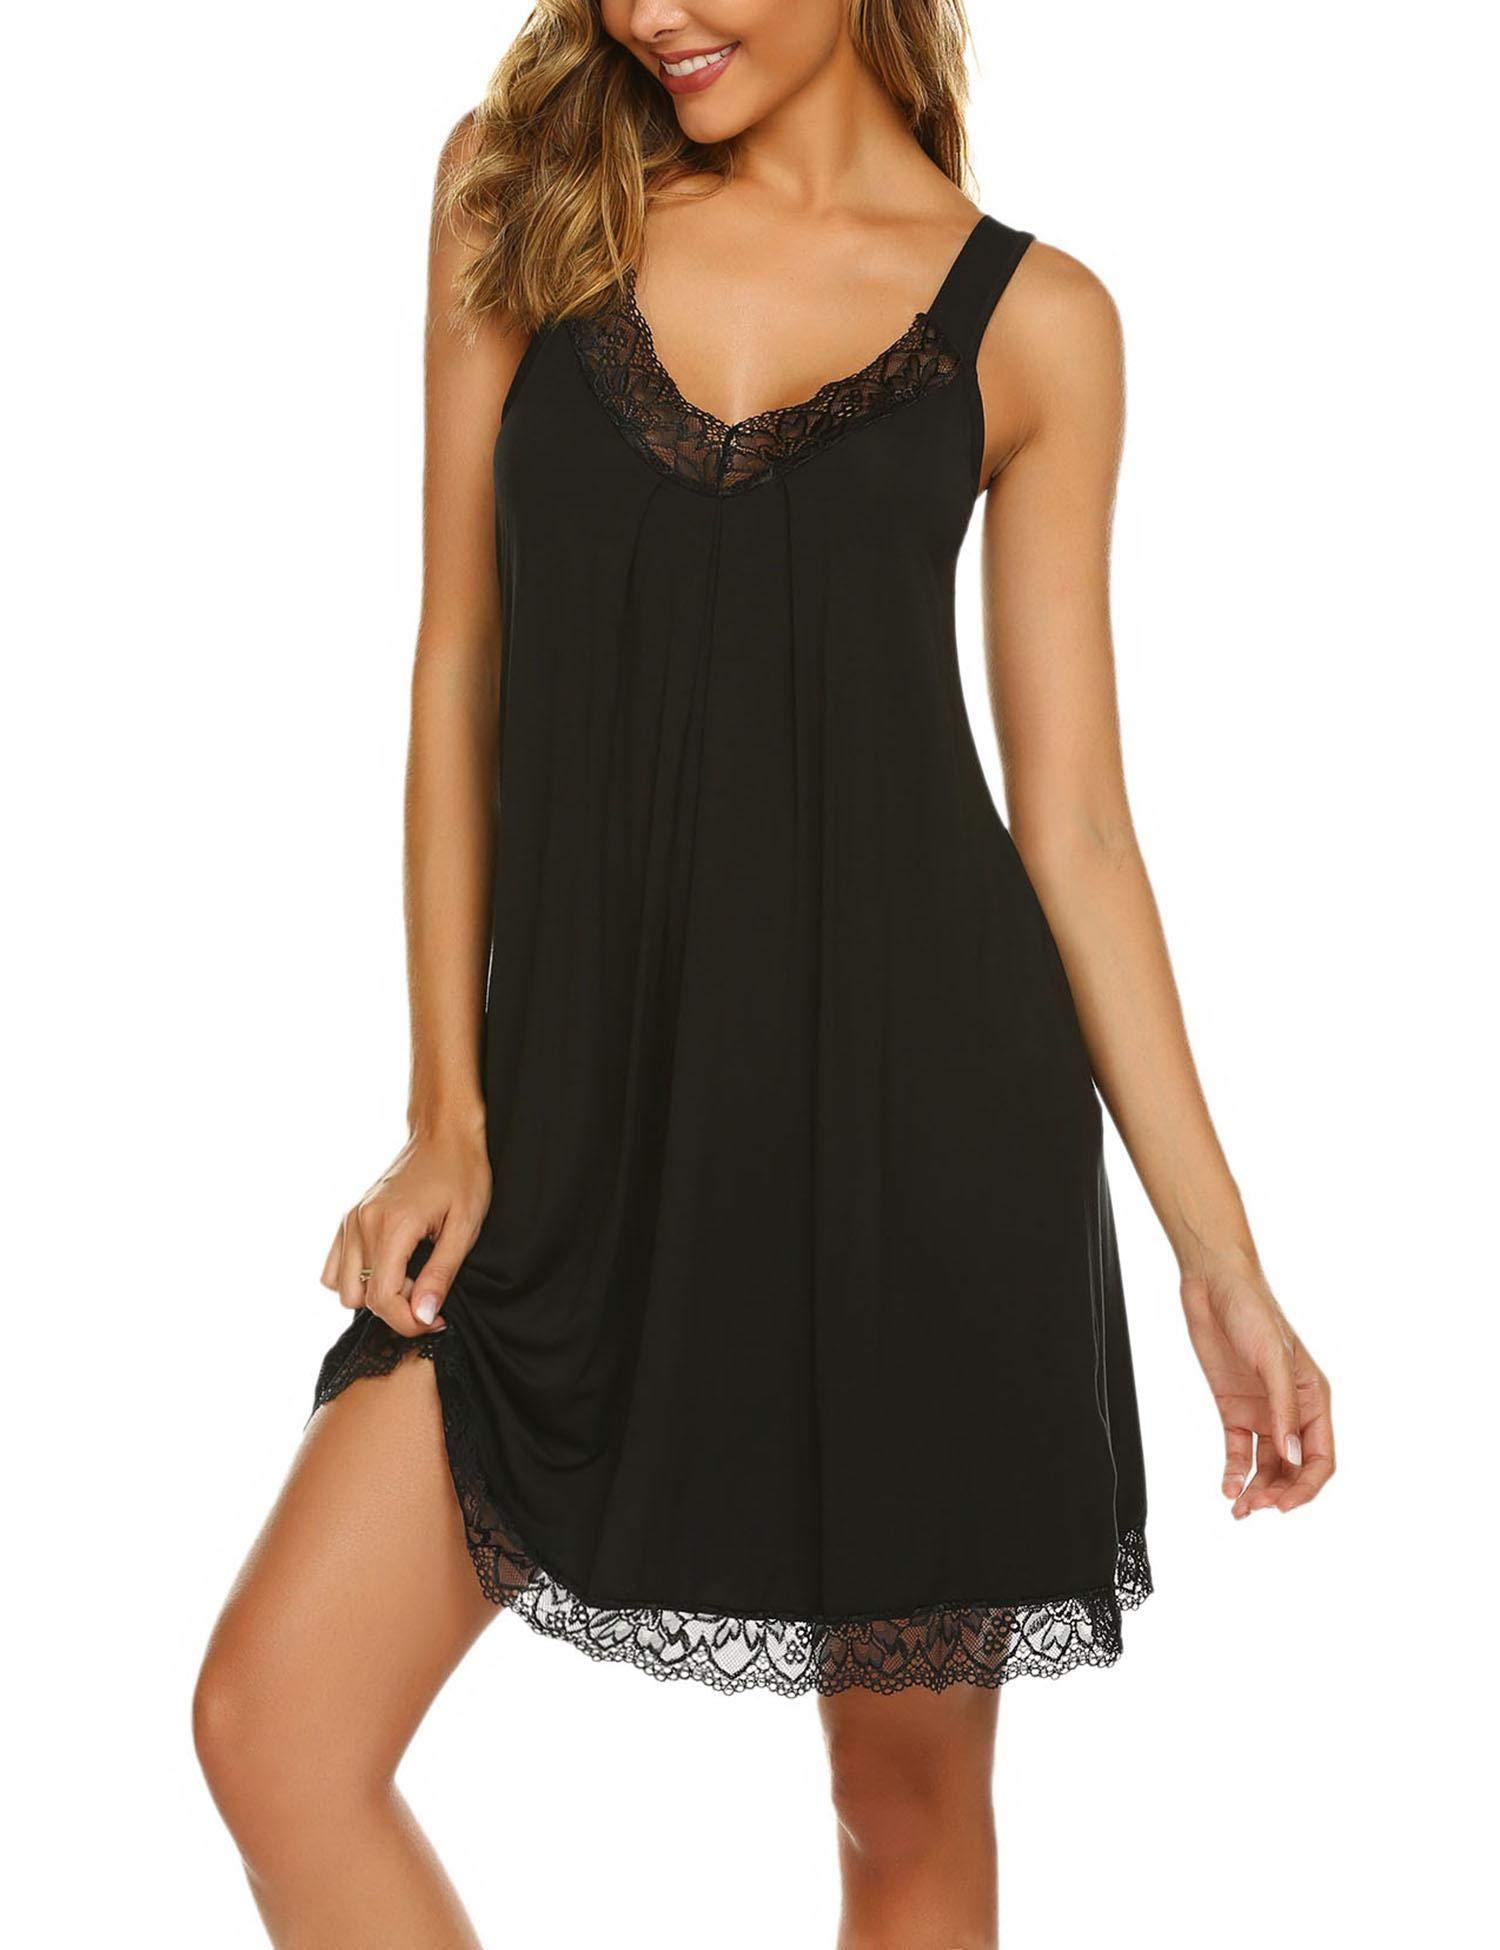 Ekouaer Lingerie Nightgown Sleepwear Loungewear